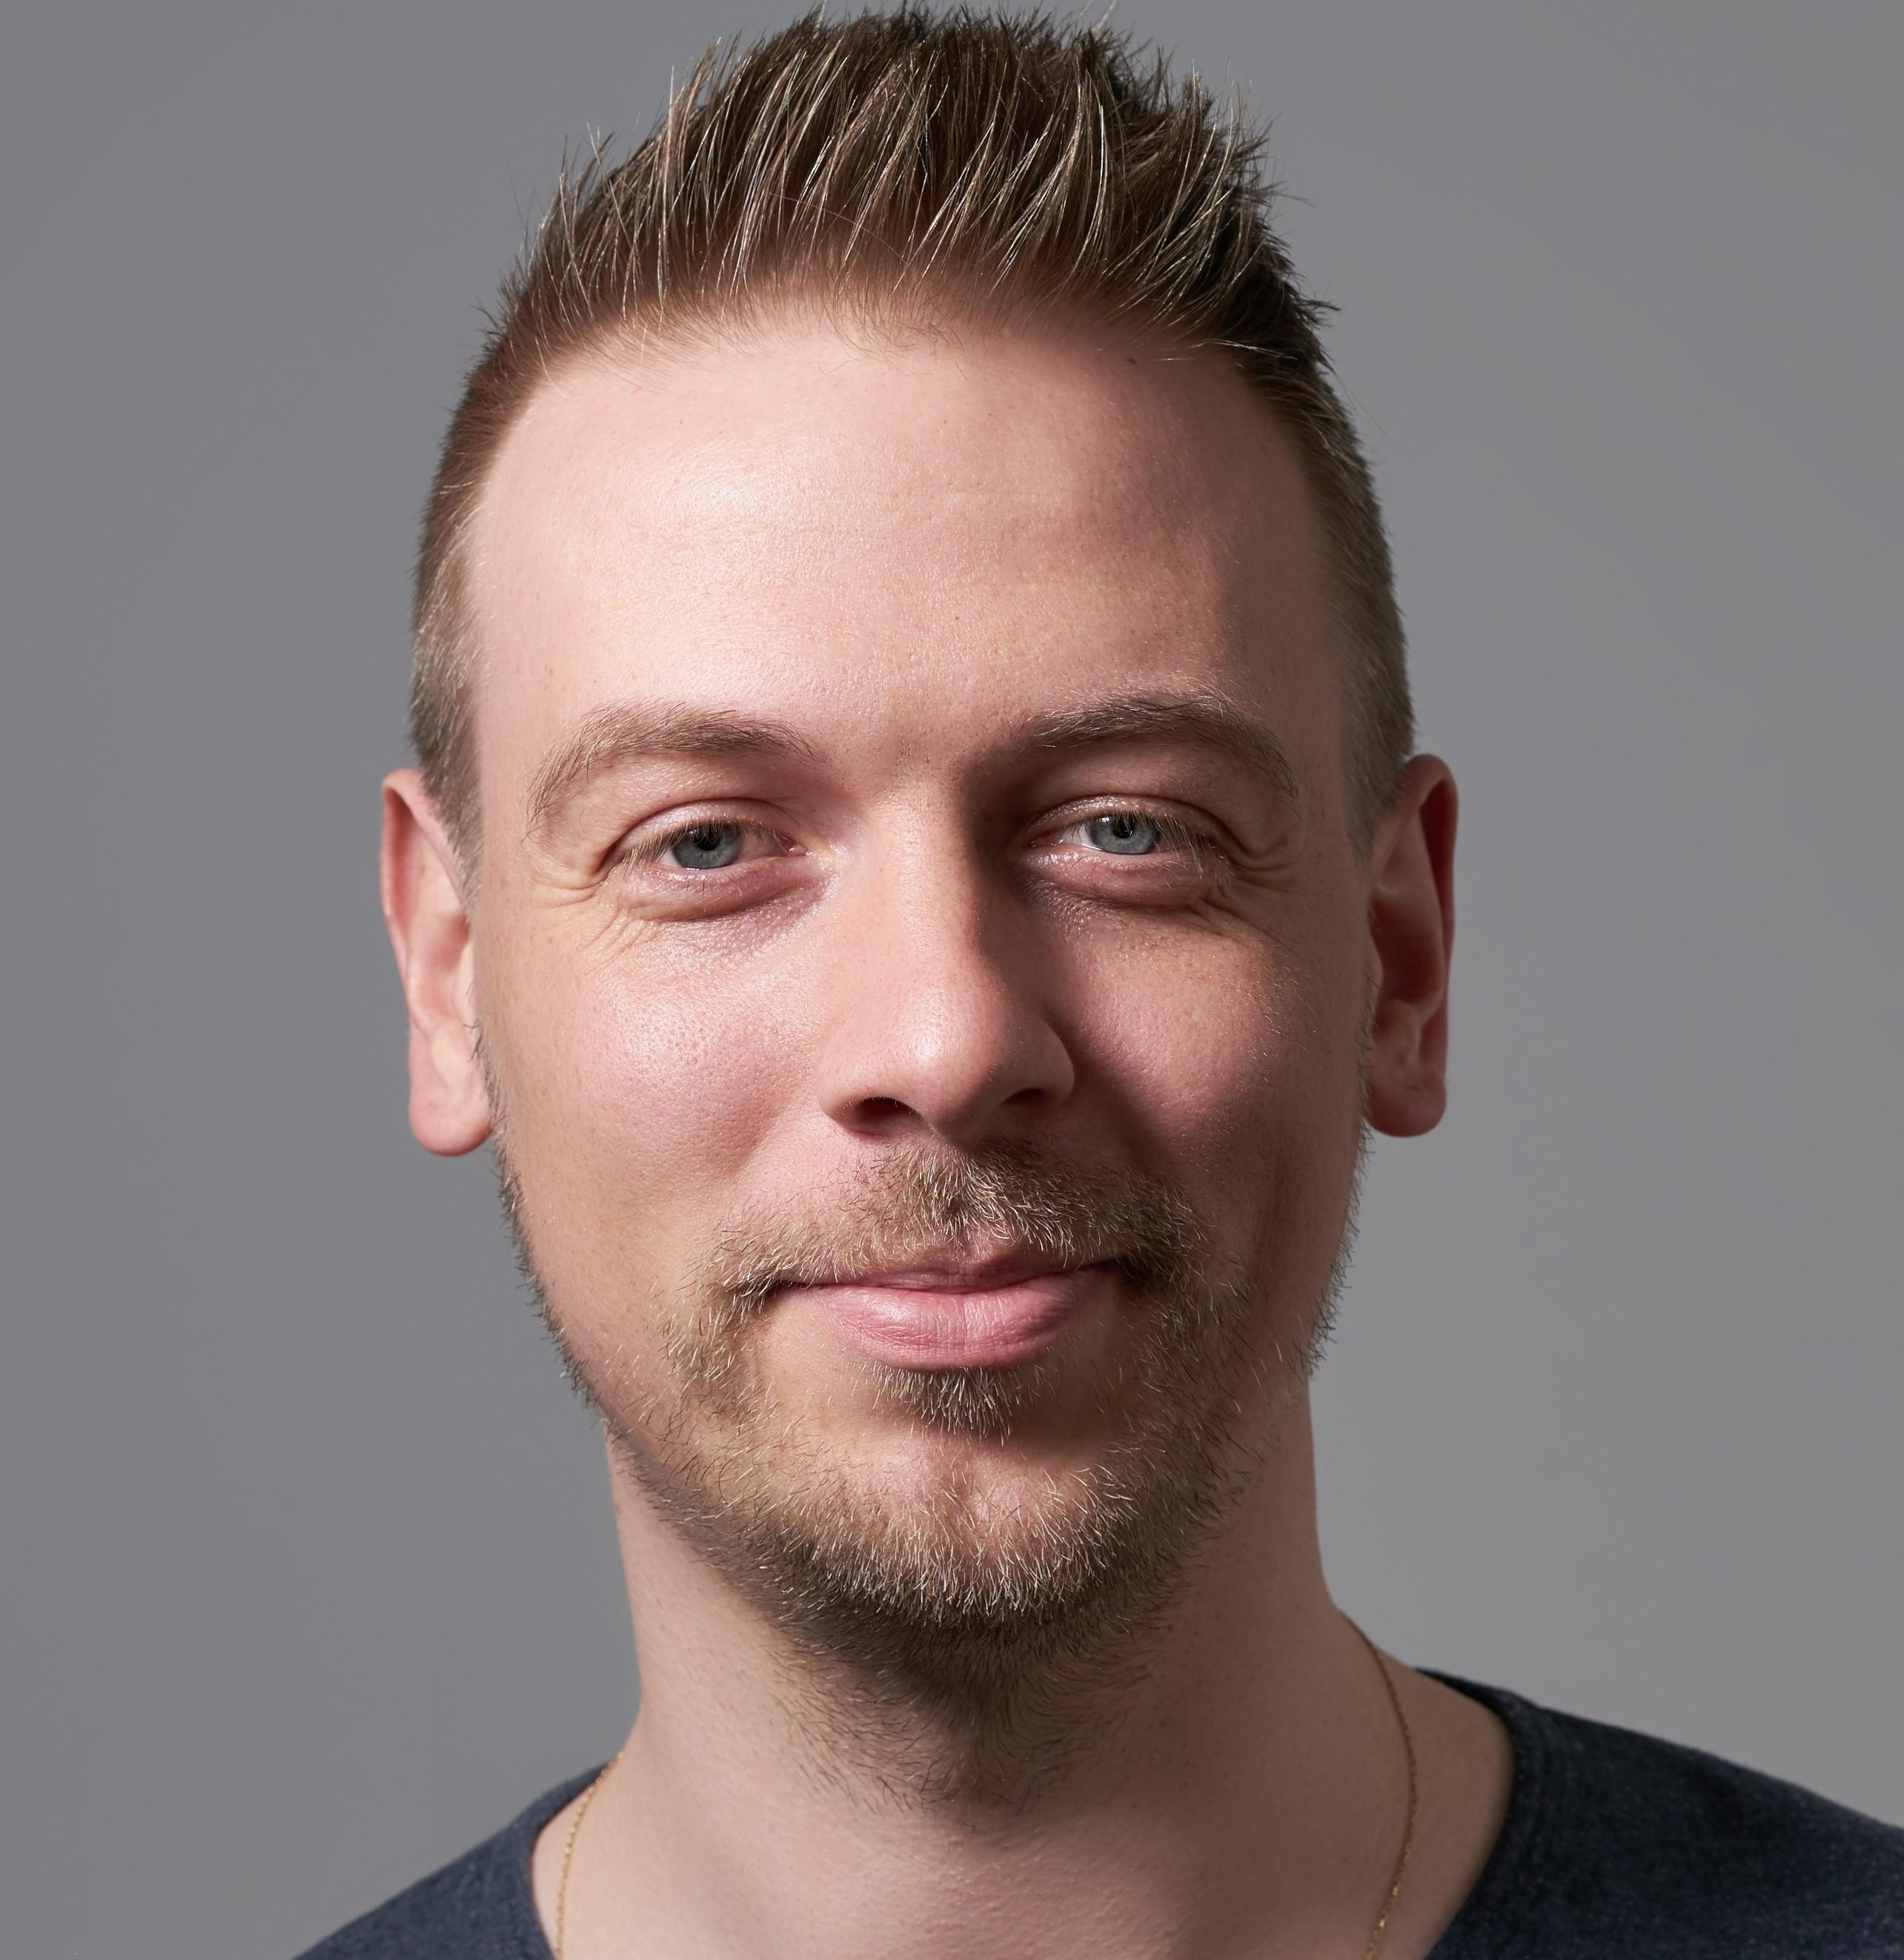 Tomasz Klepacki